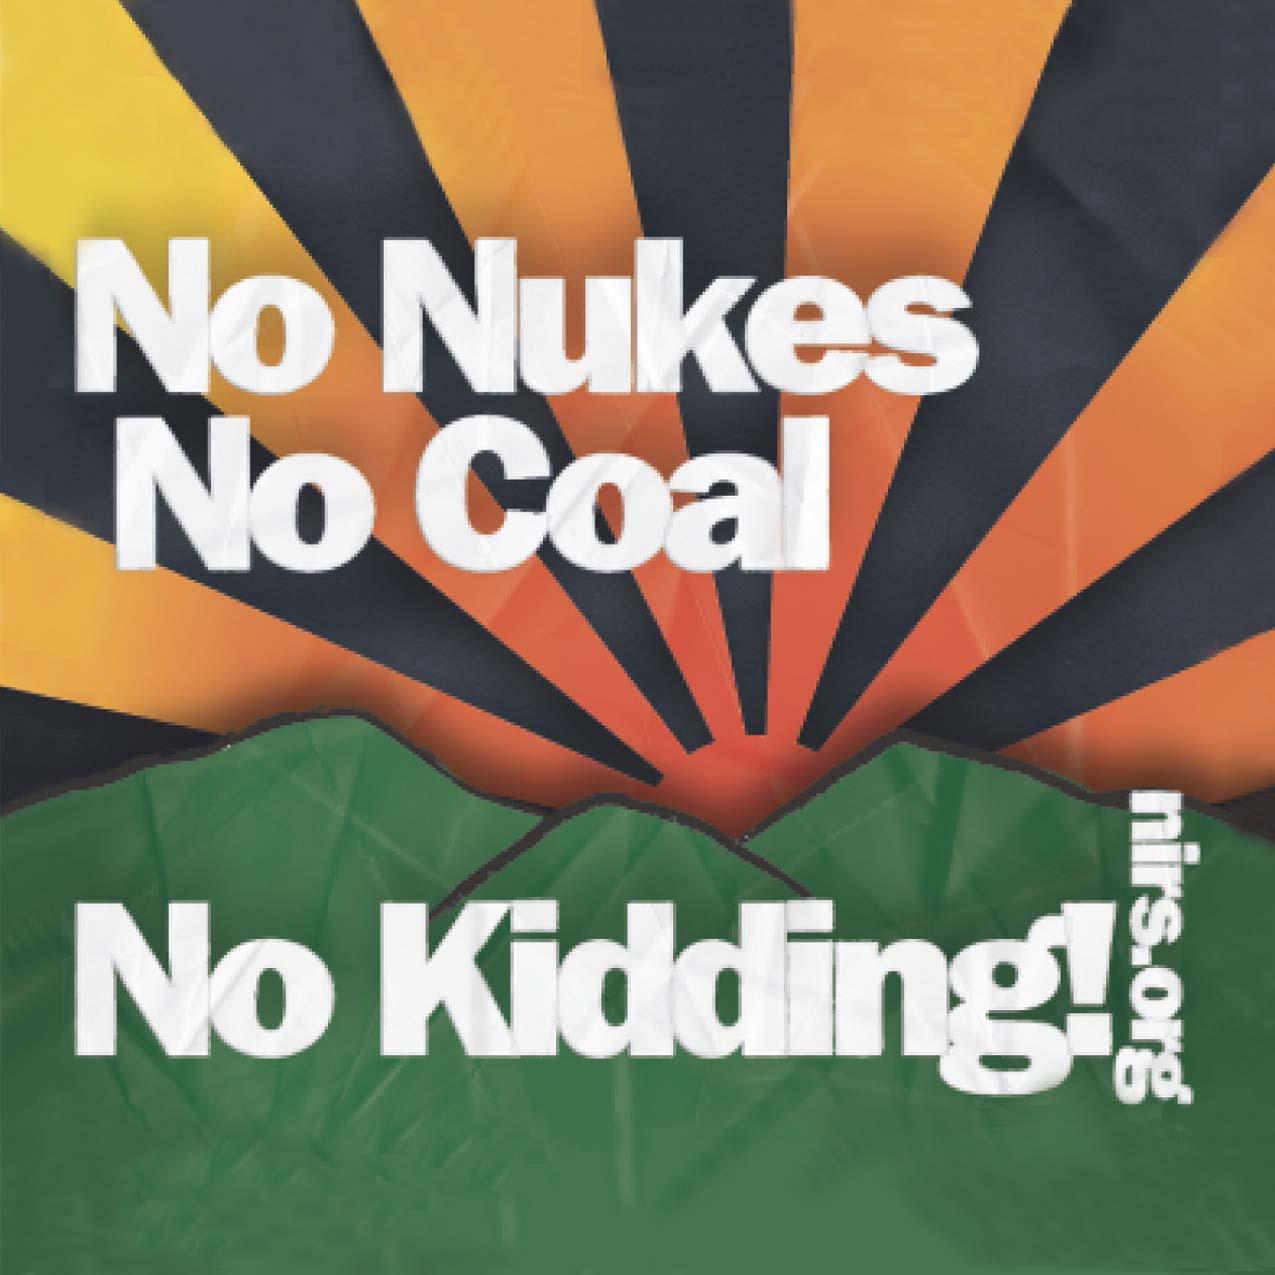 no nukes no coal